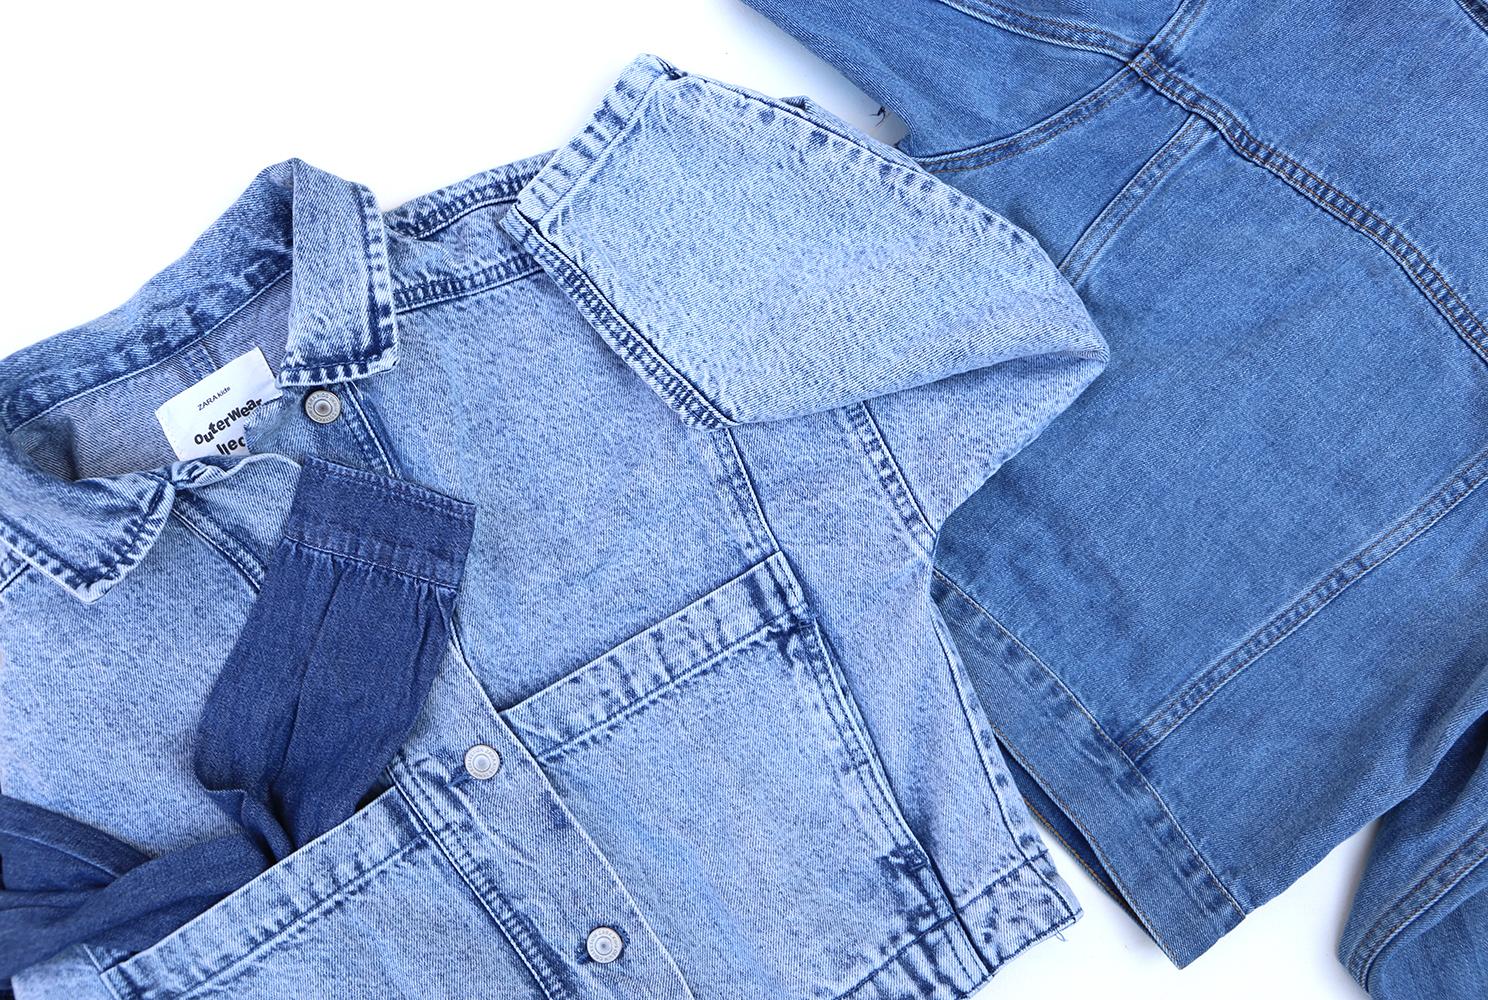 petite-and-so-what-veste-en-jeans-femmes-petite-taille